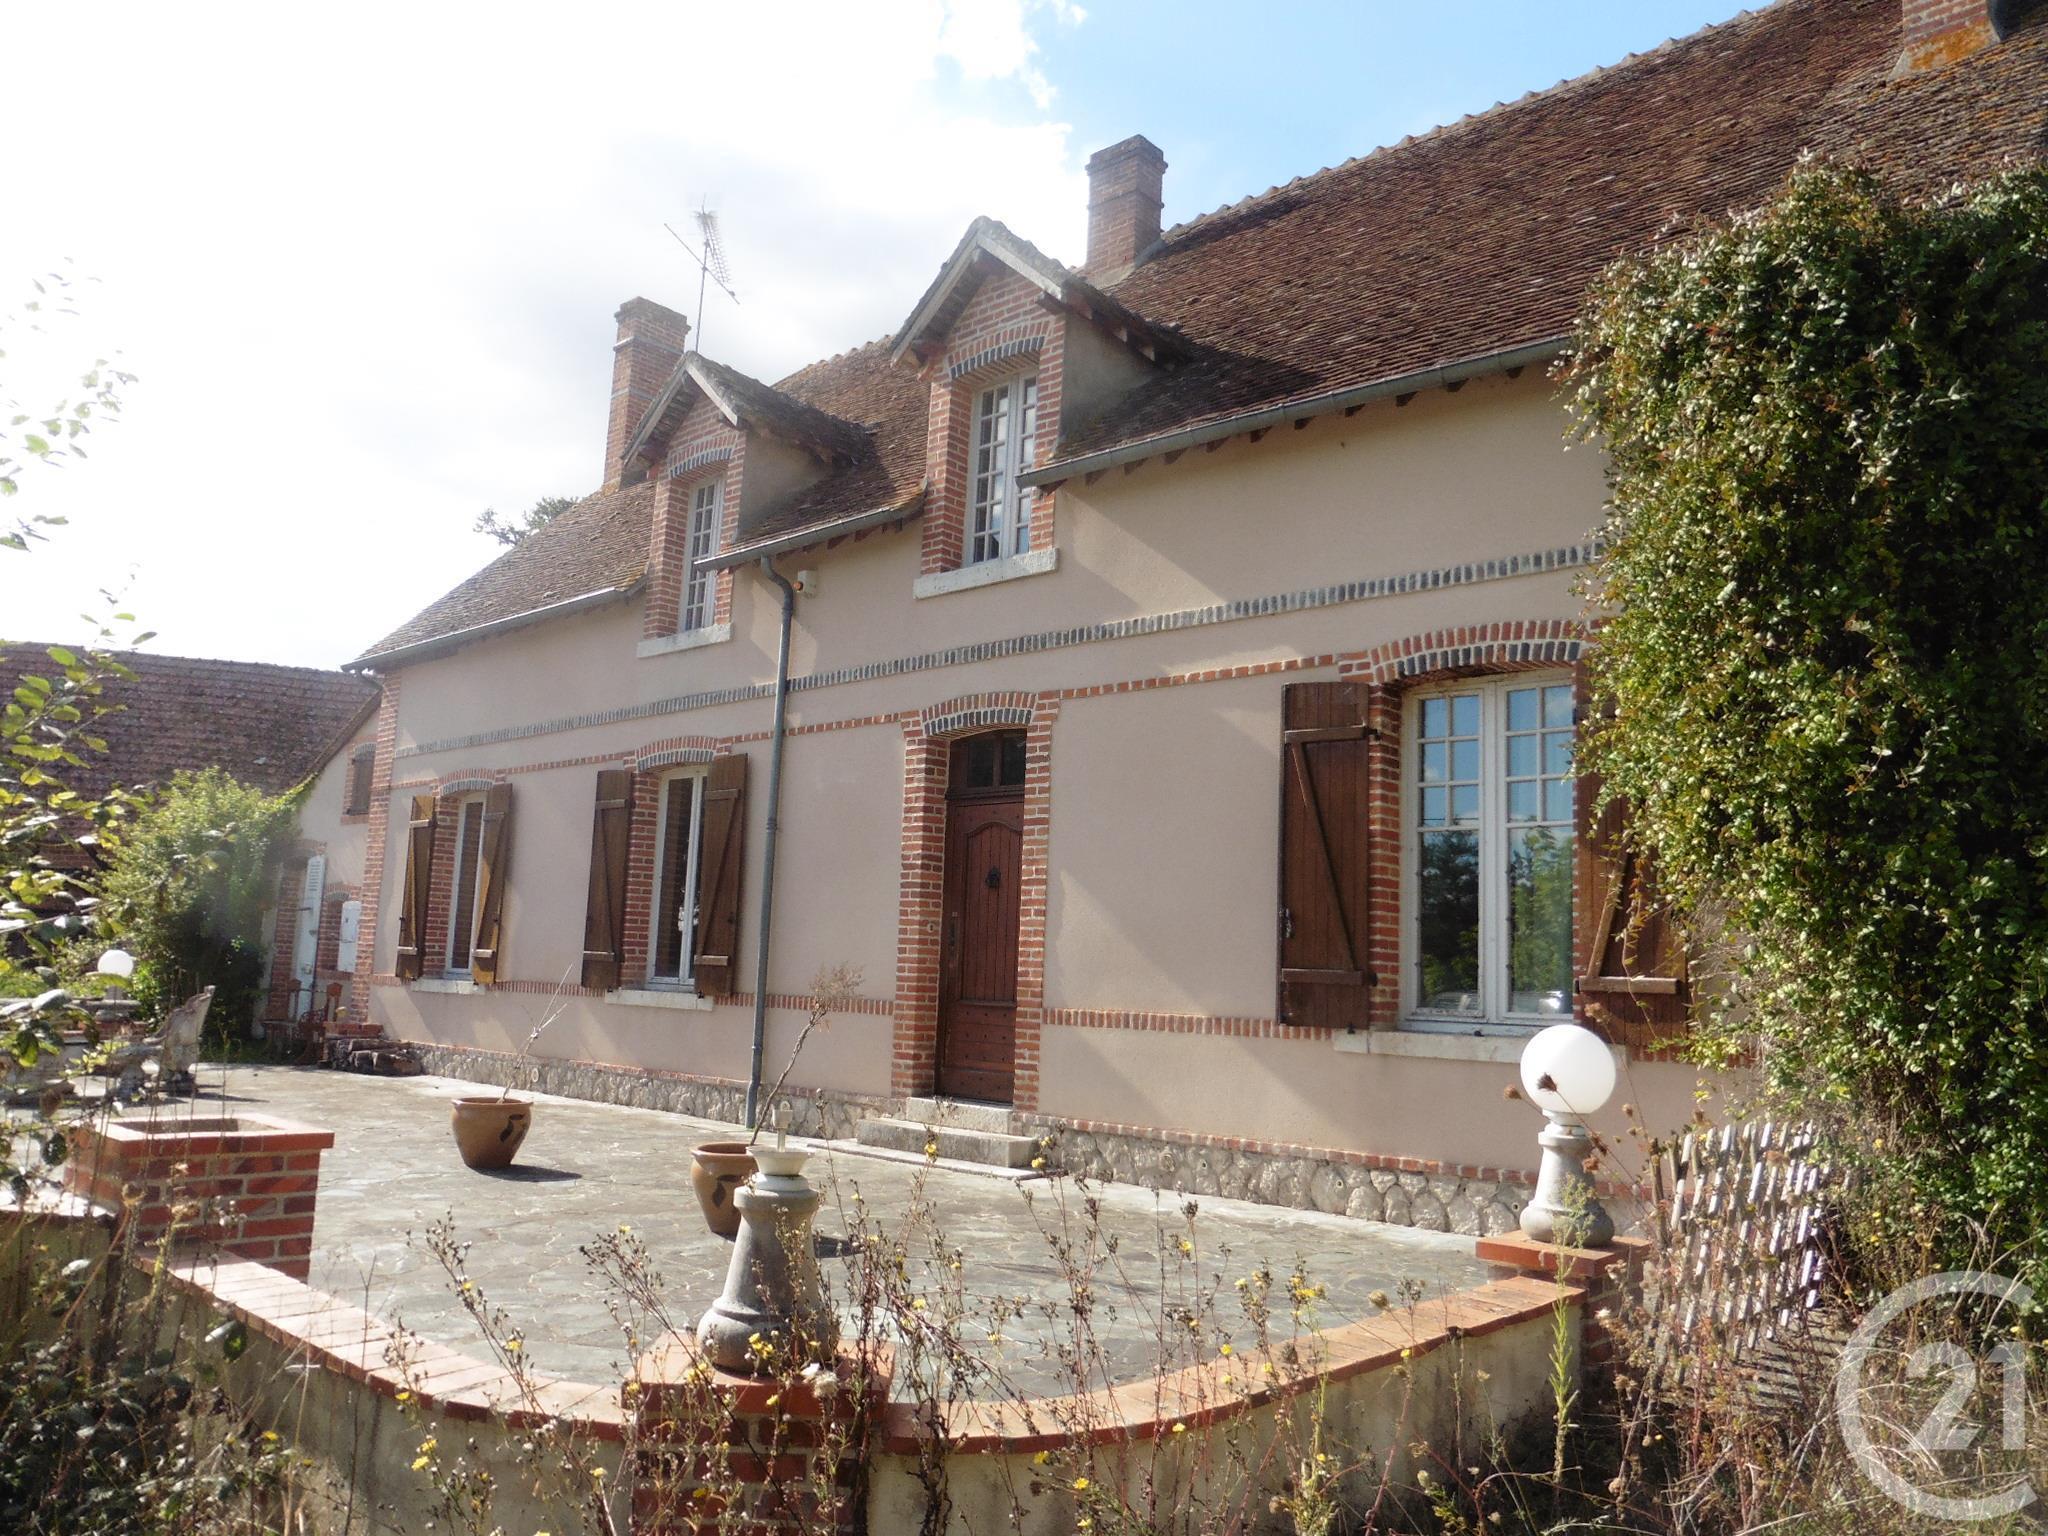 2d999e6966b204 Maison 9 pièces à vendre – Loir-et-Cher (41) – Ref. 28242   CENTURY 21